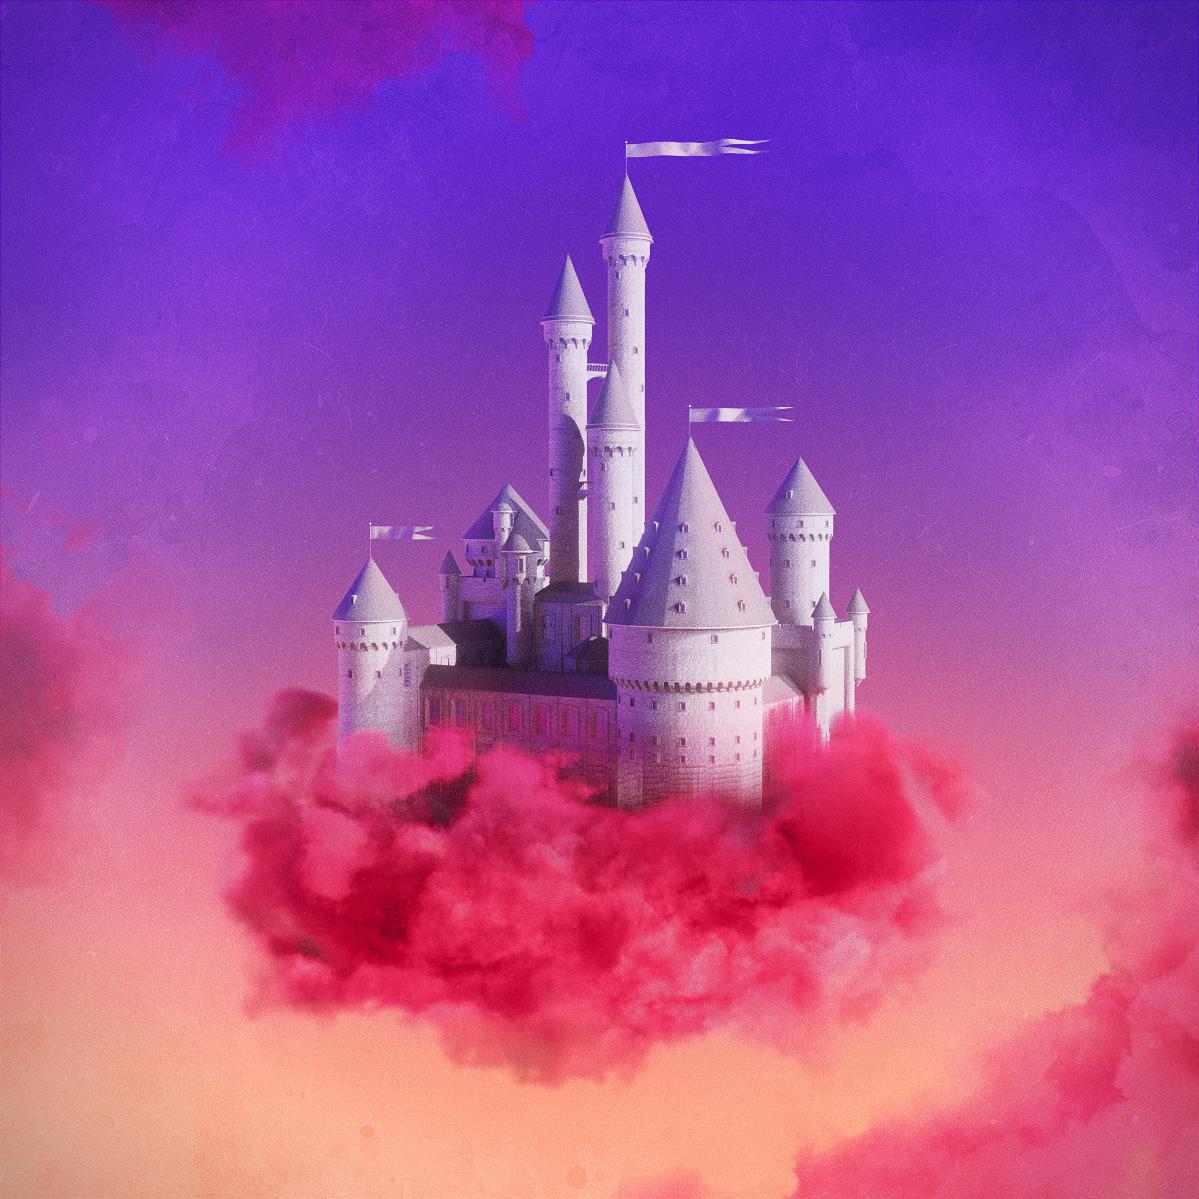 purplerose_5